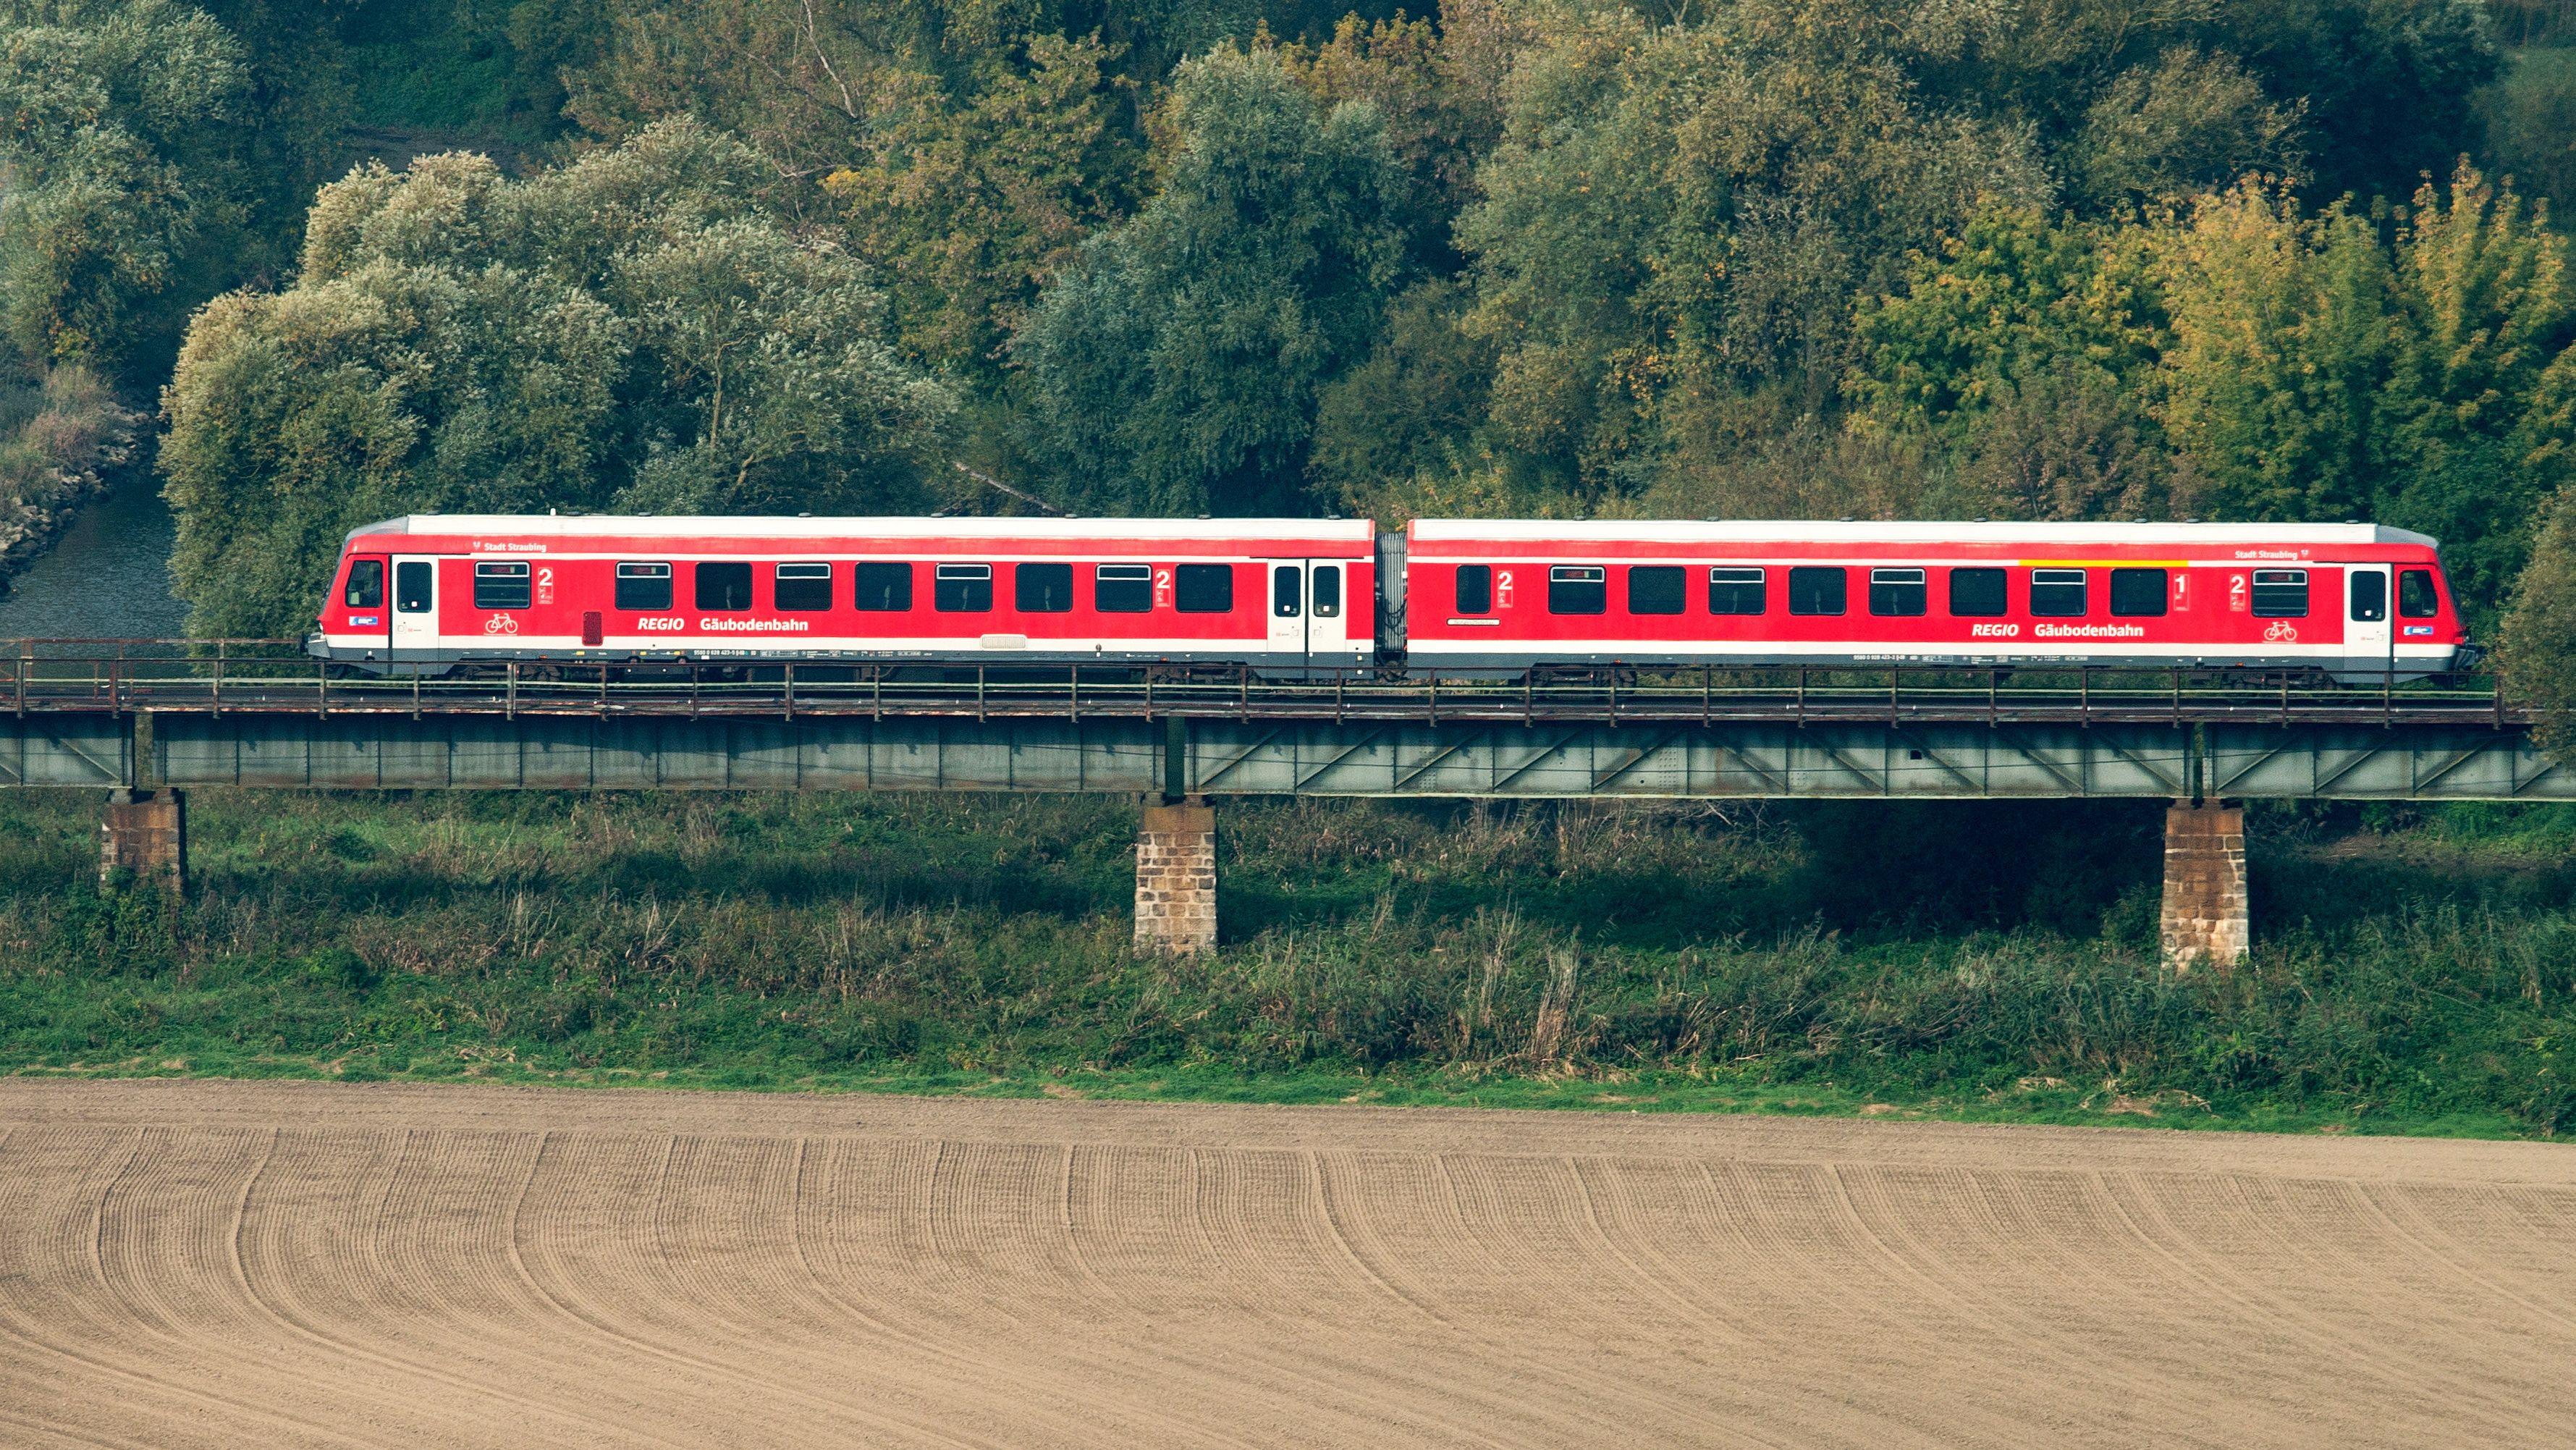 Ein Regionalzug der Deutschen Bahn (DB) fährt auf Gleisen nahe Bogen.